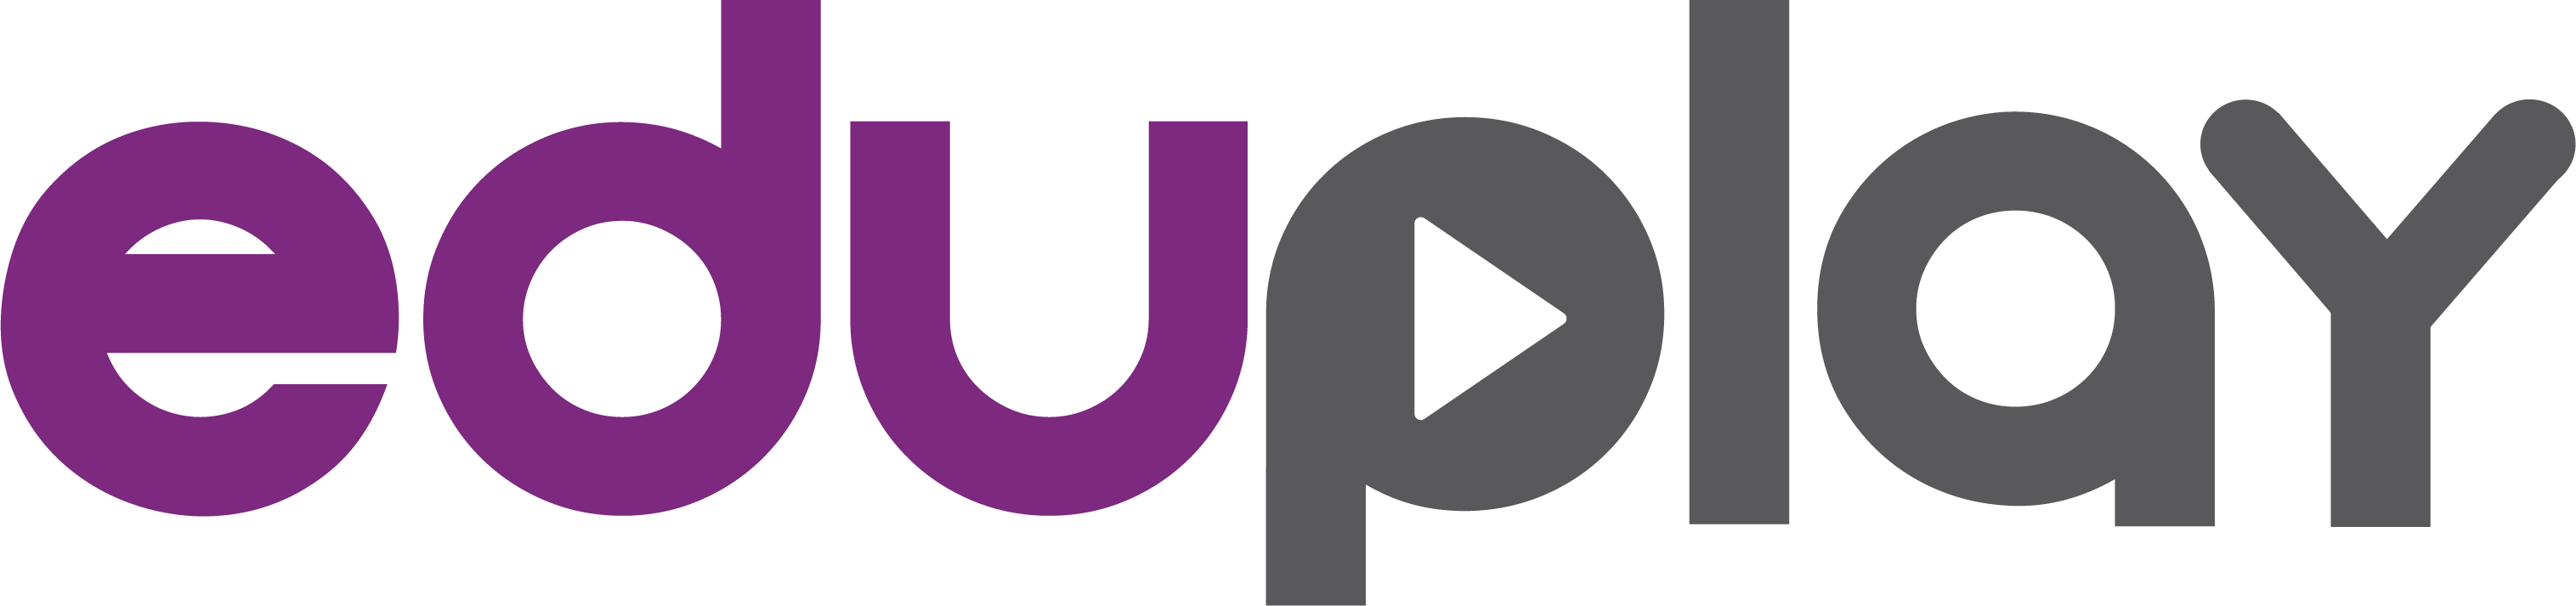 Eduplay Educação Corporativa